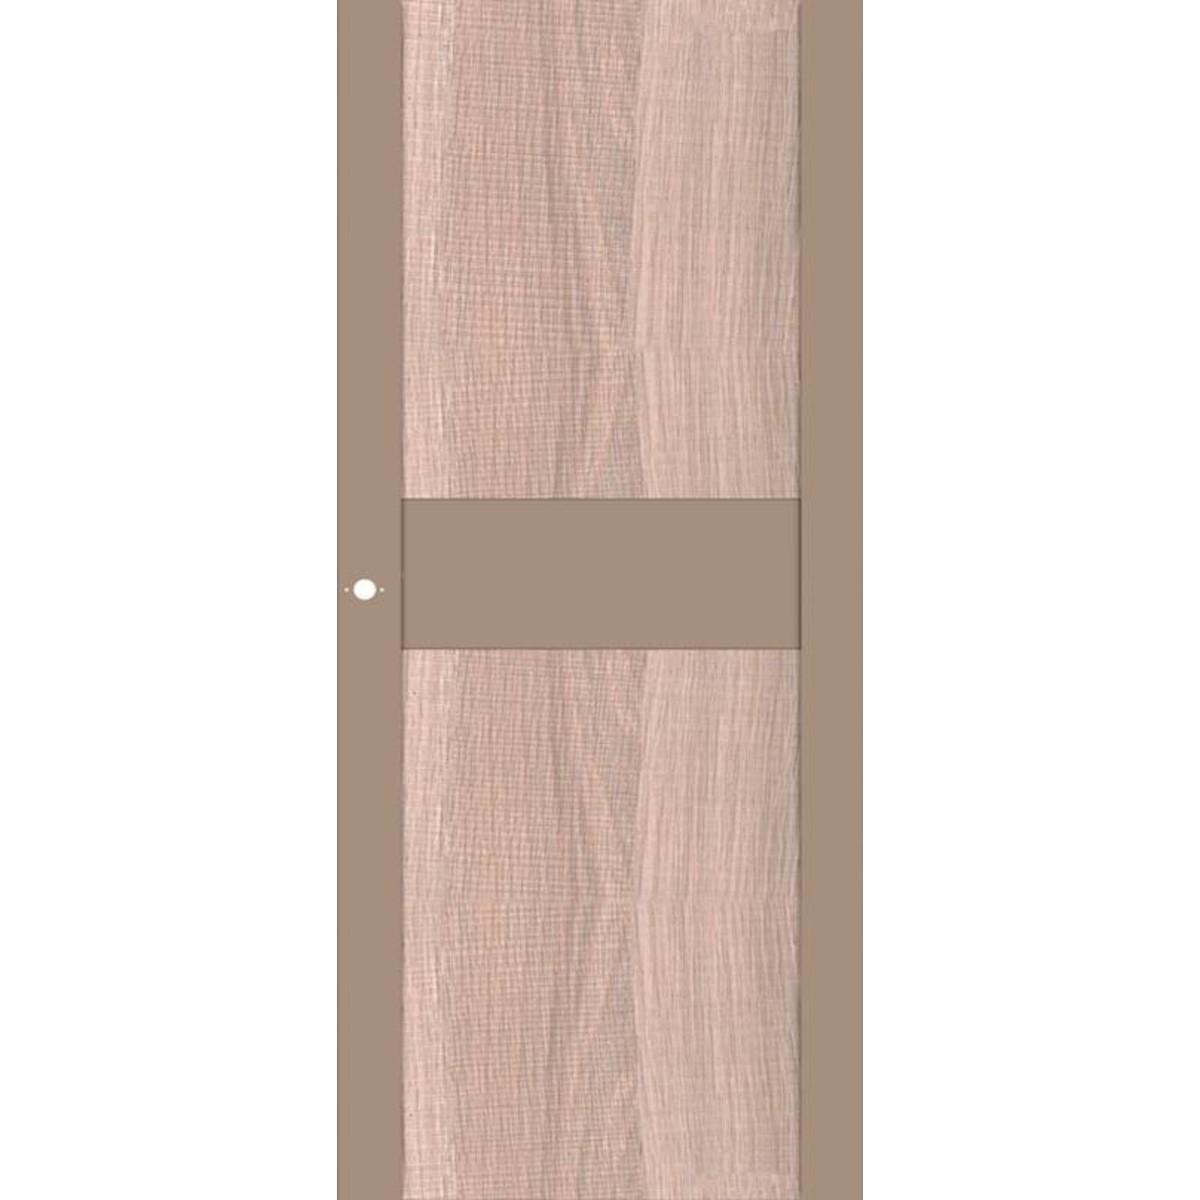 Дверь Межкомнатная Остеклённая Арт Лайн 90x200 Цвет Какао/Холст